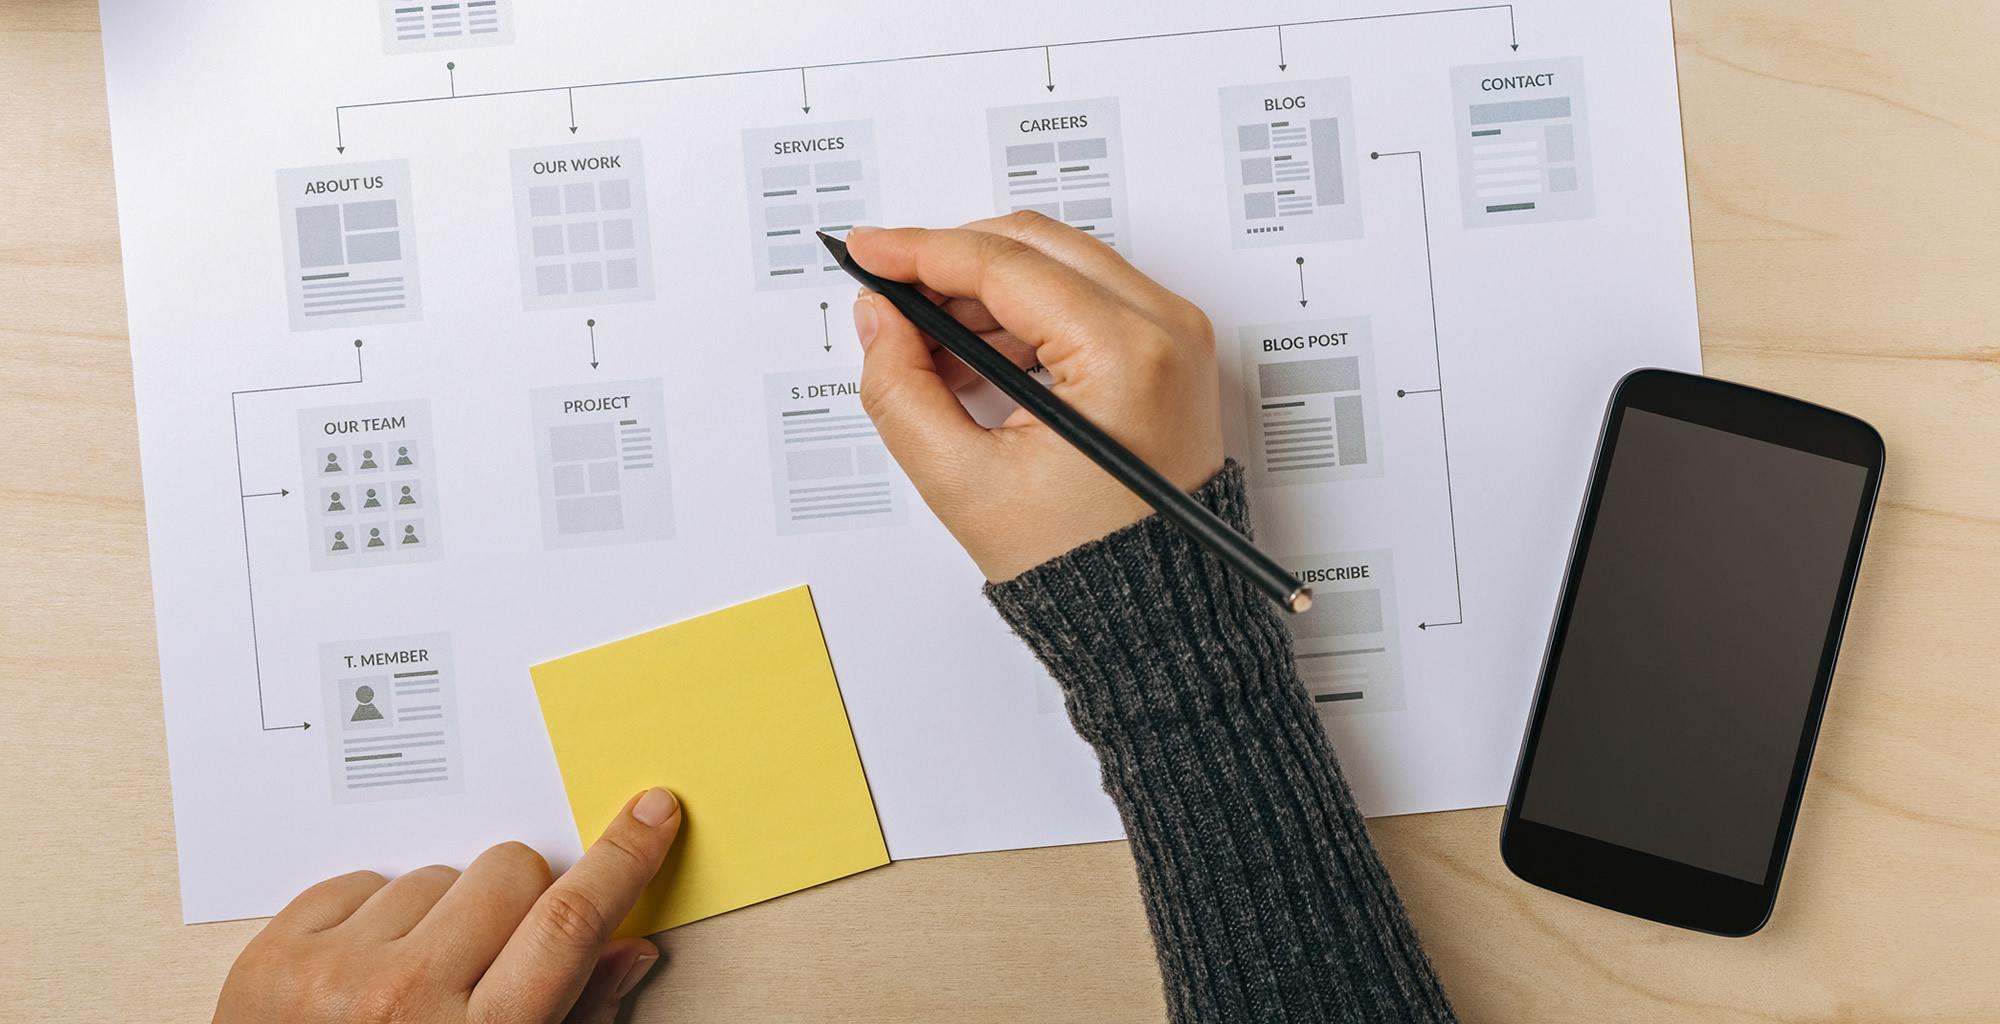 ¿Qué es UX Writing y cómo puede beneficiar a tu empresa?